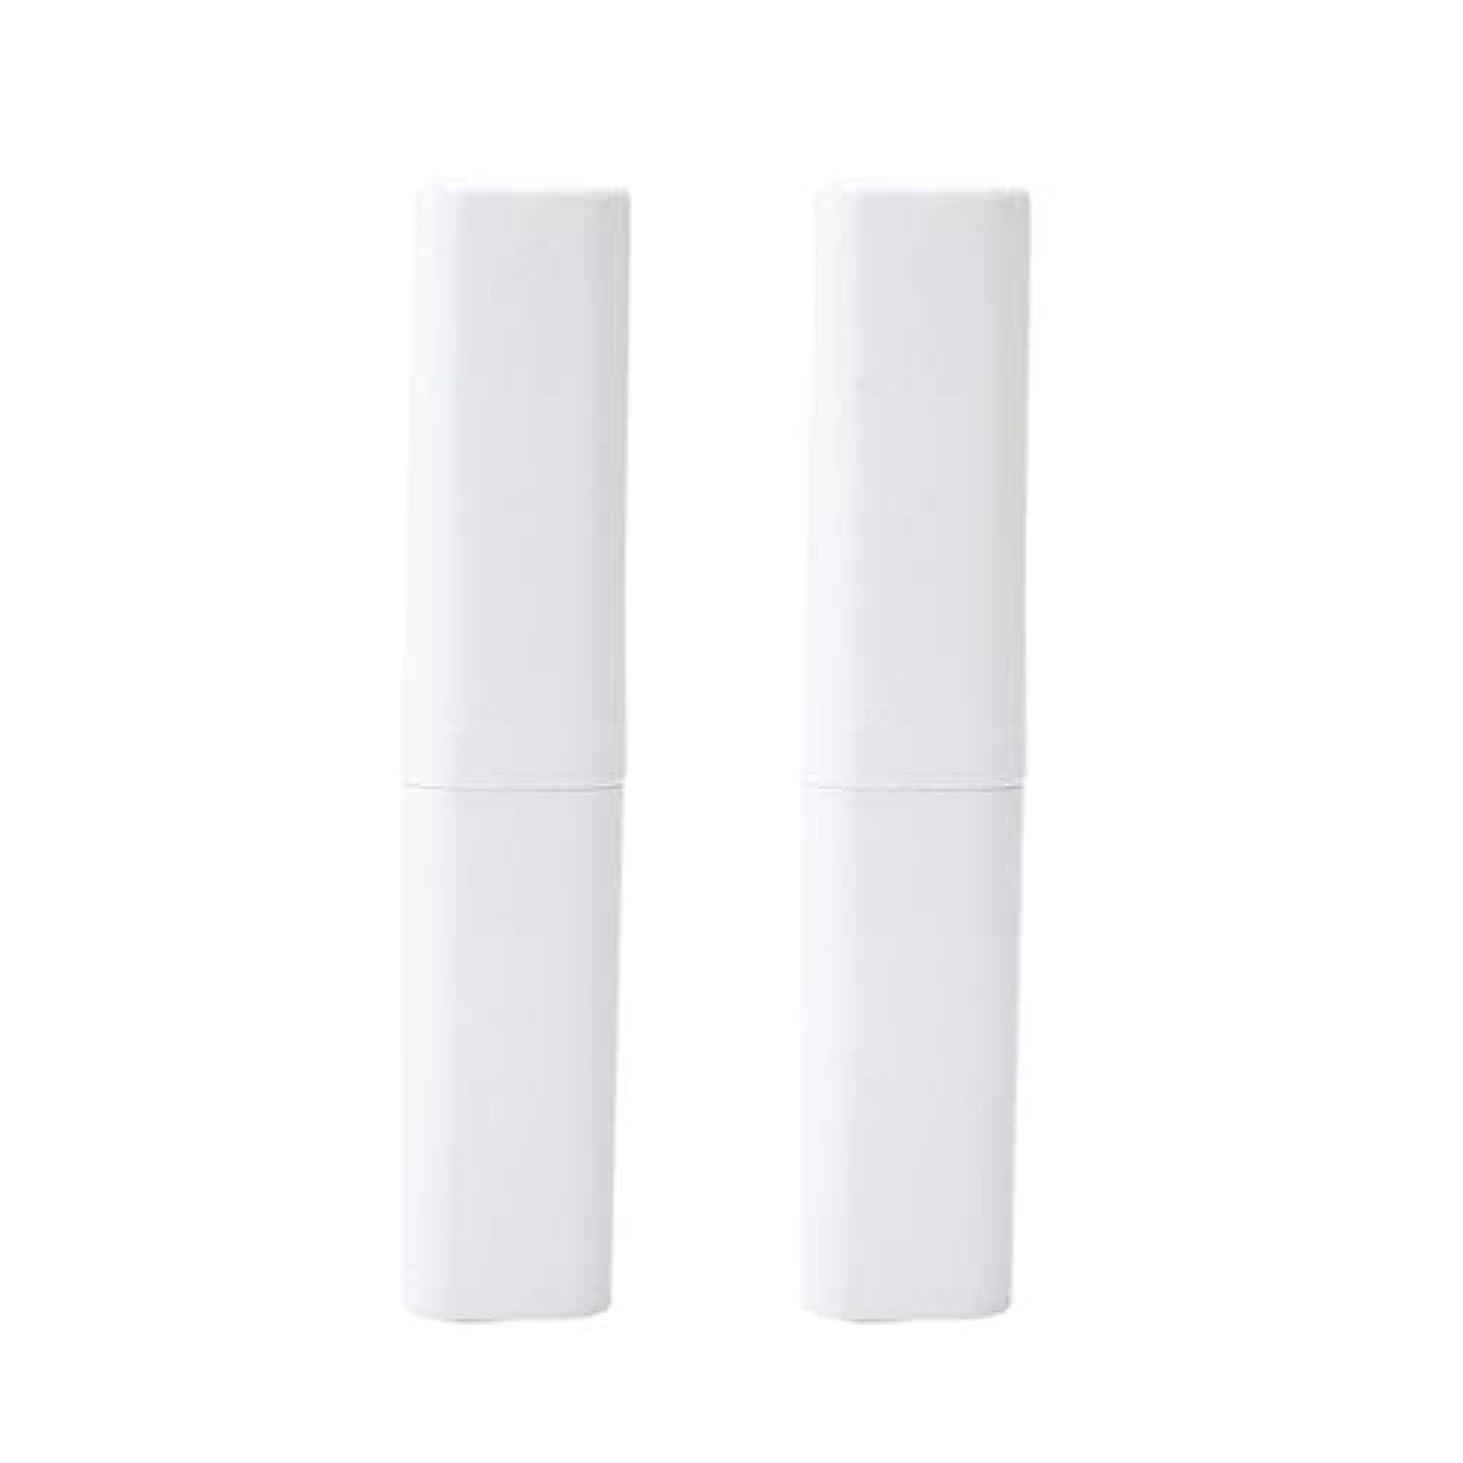 キロメートルクラス脈拍Healifty 旅行の歯ブラシケース屋外2ピース(白)のポータブル歯ブラシボックス